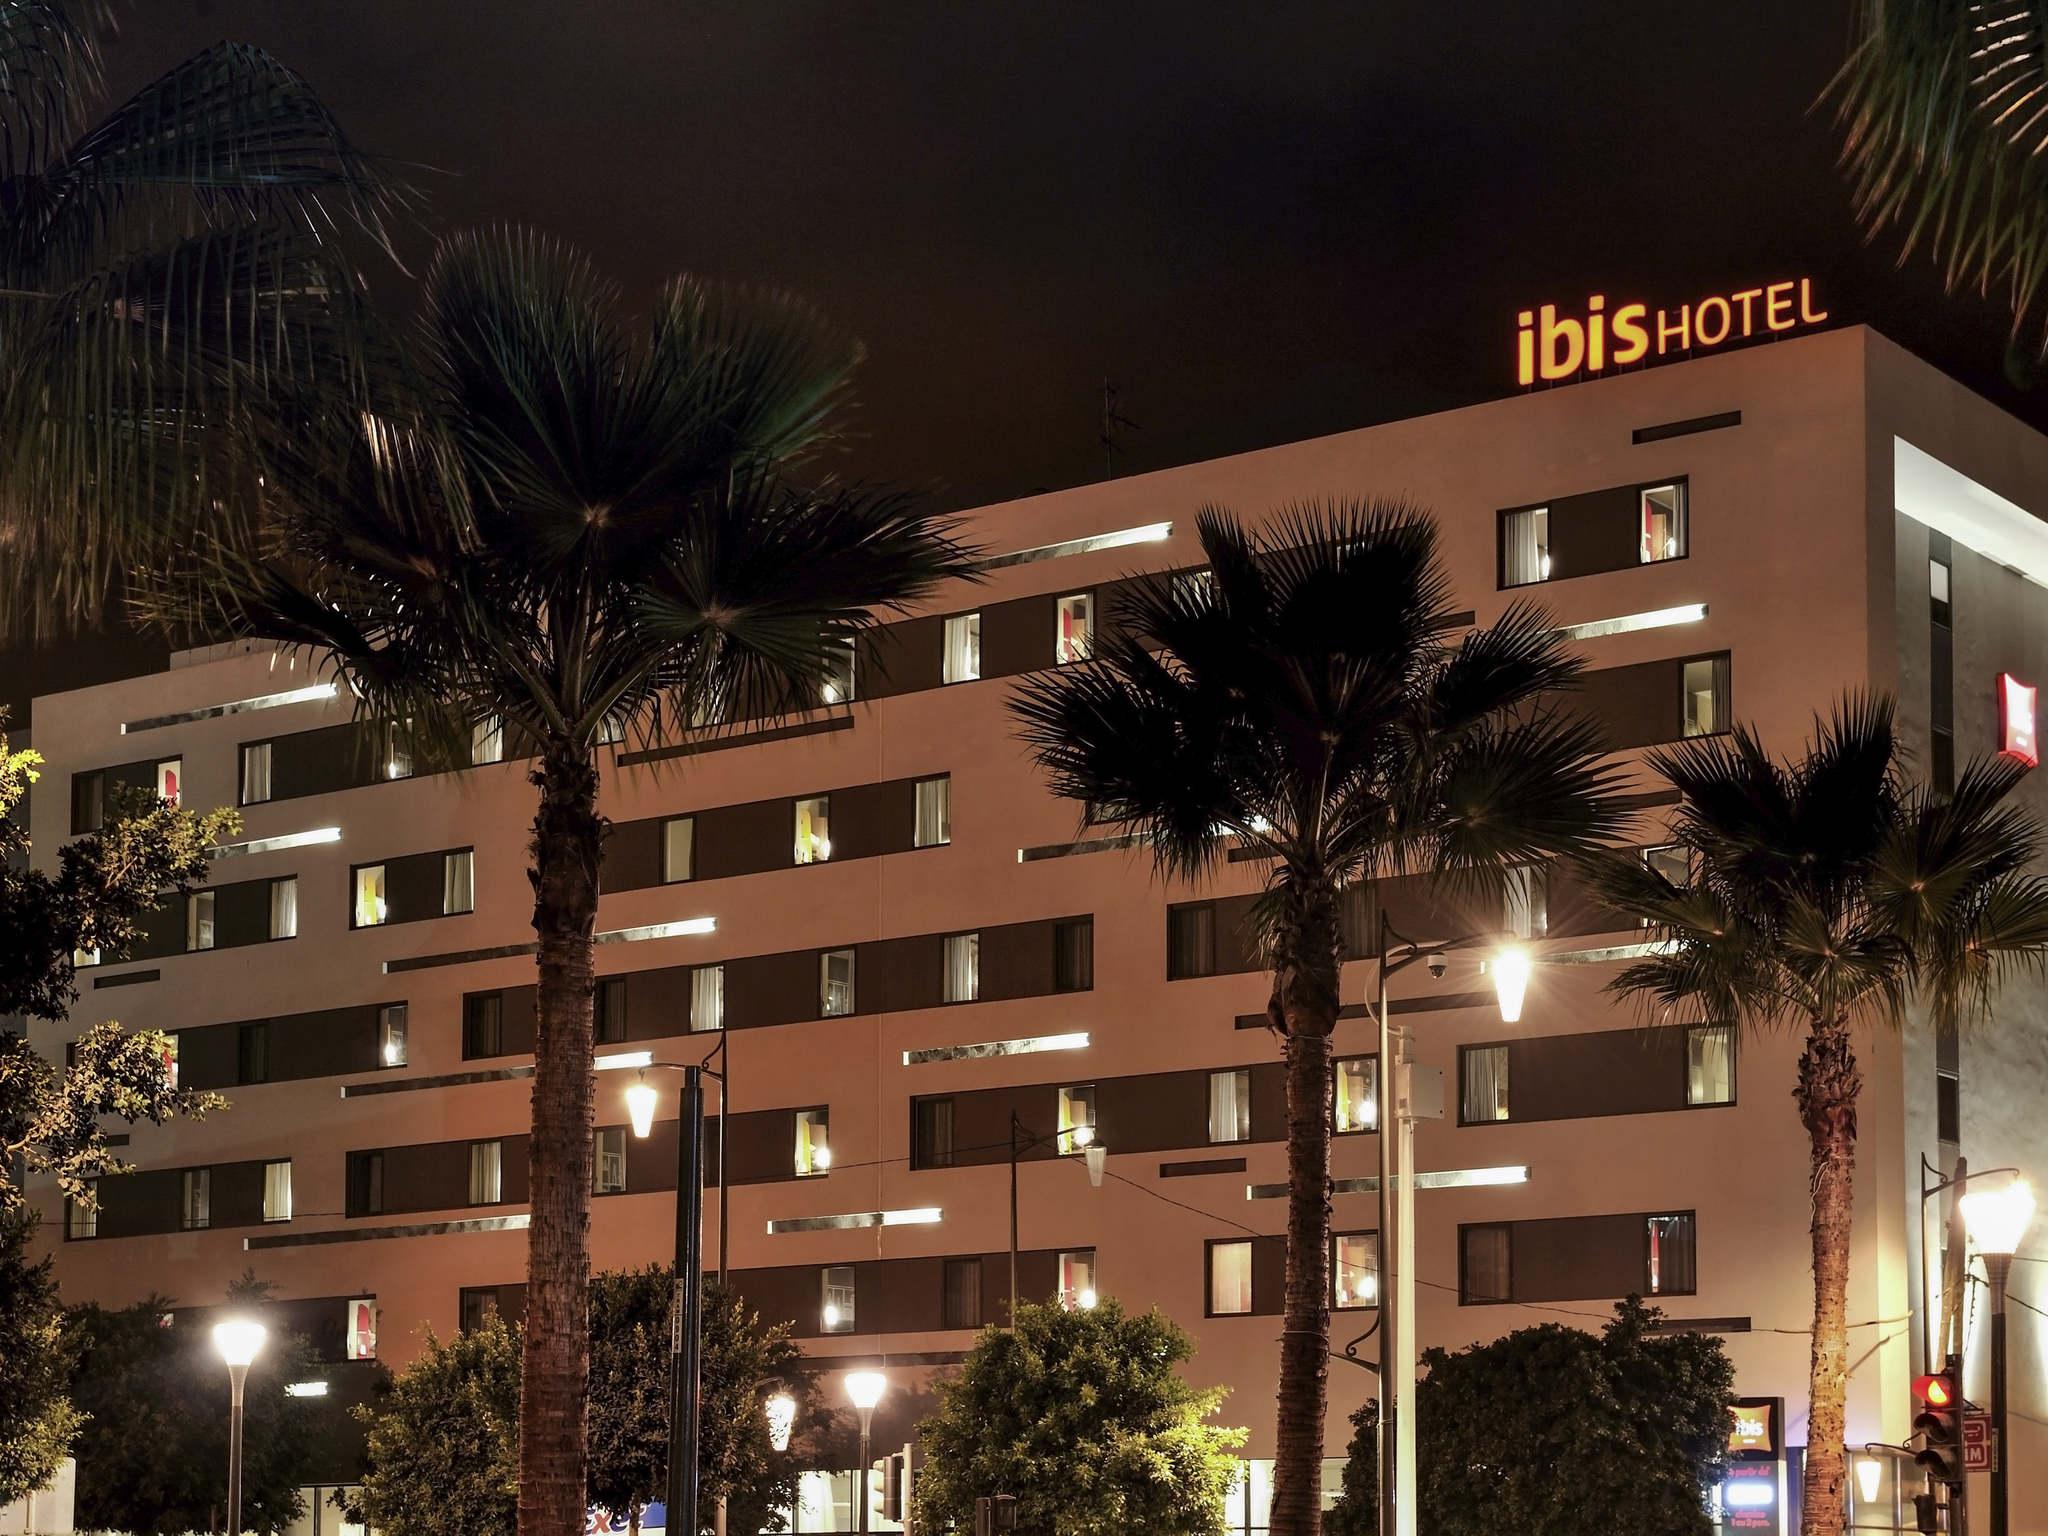 酒店 – 宜必思卡萨布兰卡旅游酒店